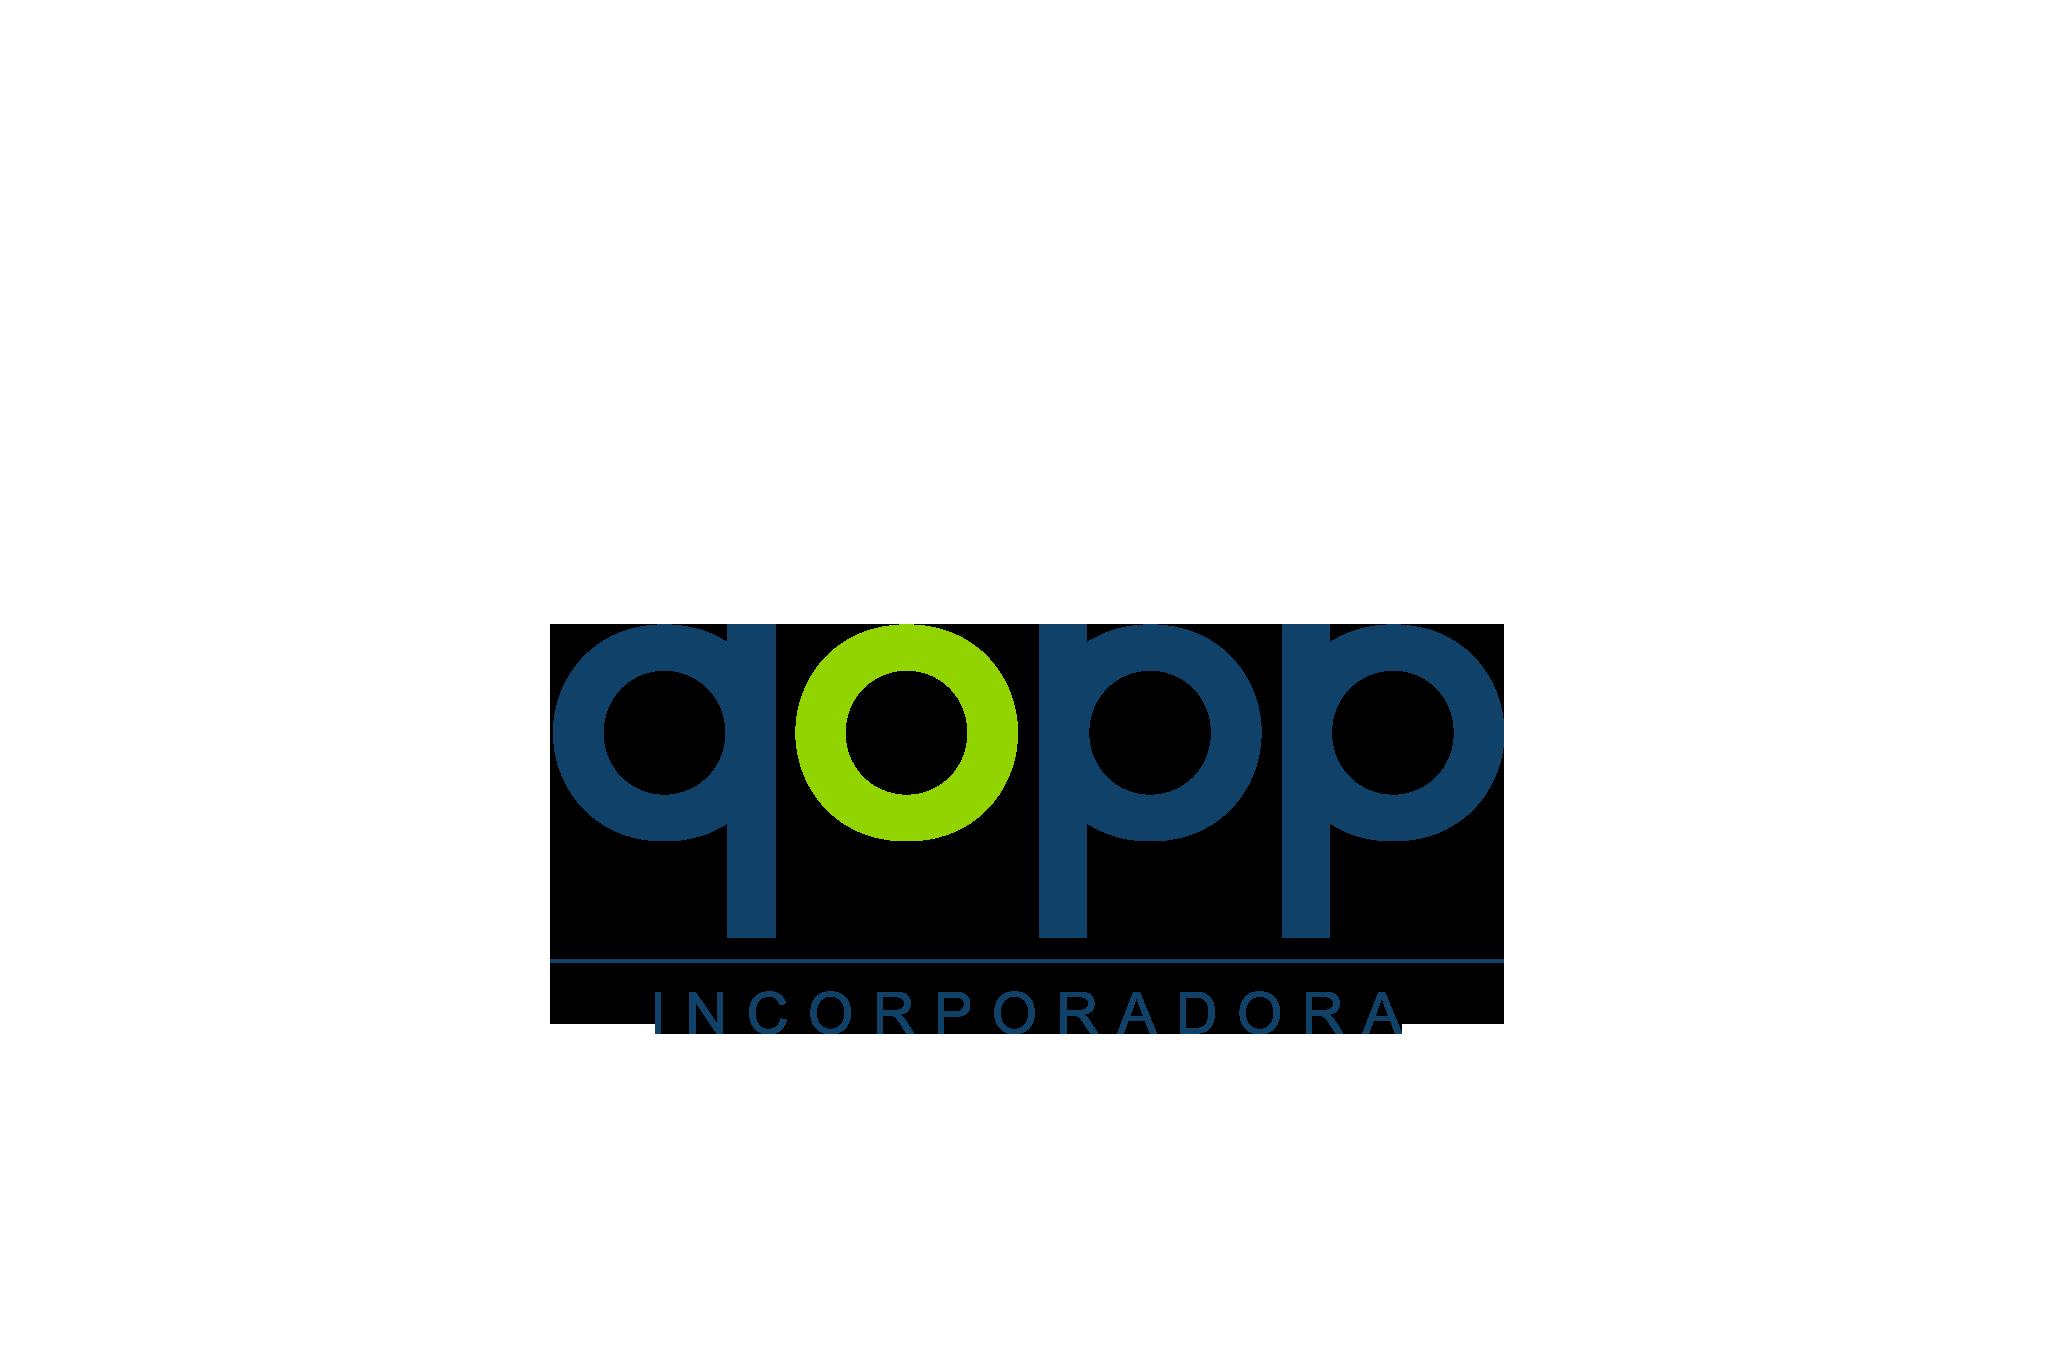 portfolio_marcas_qopp